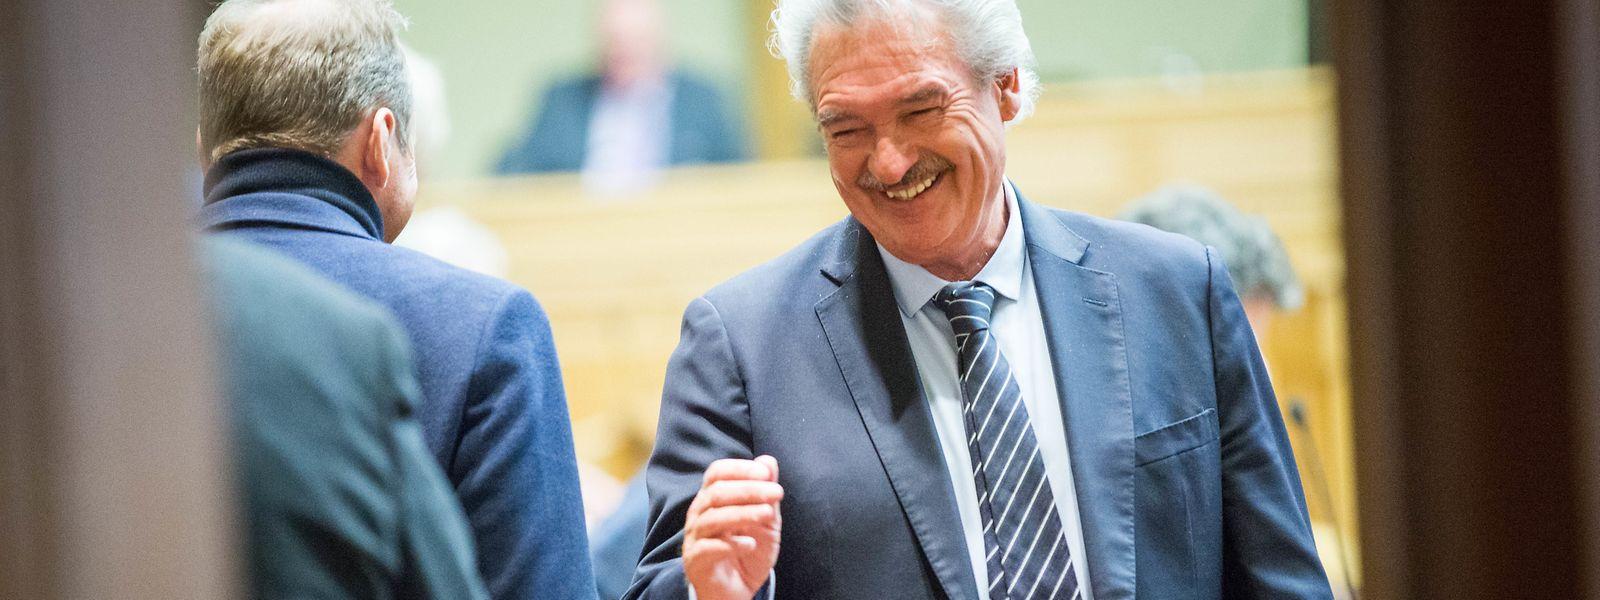 Die Bilanz von Außenminister Jean Asselborn fiel durchwachsen aus. Die Situation in Europa und in der ganzen Welt hat sich im letzten Jahr eher verschlechtert.